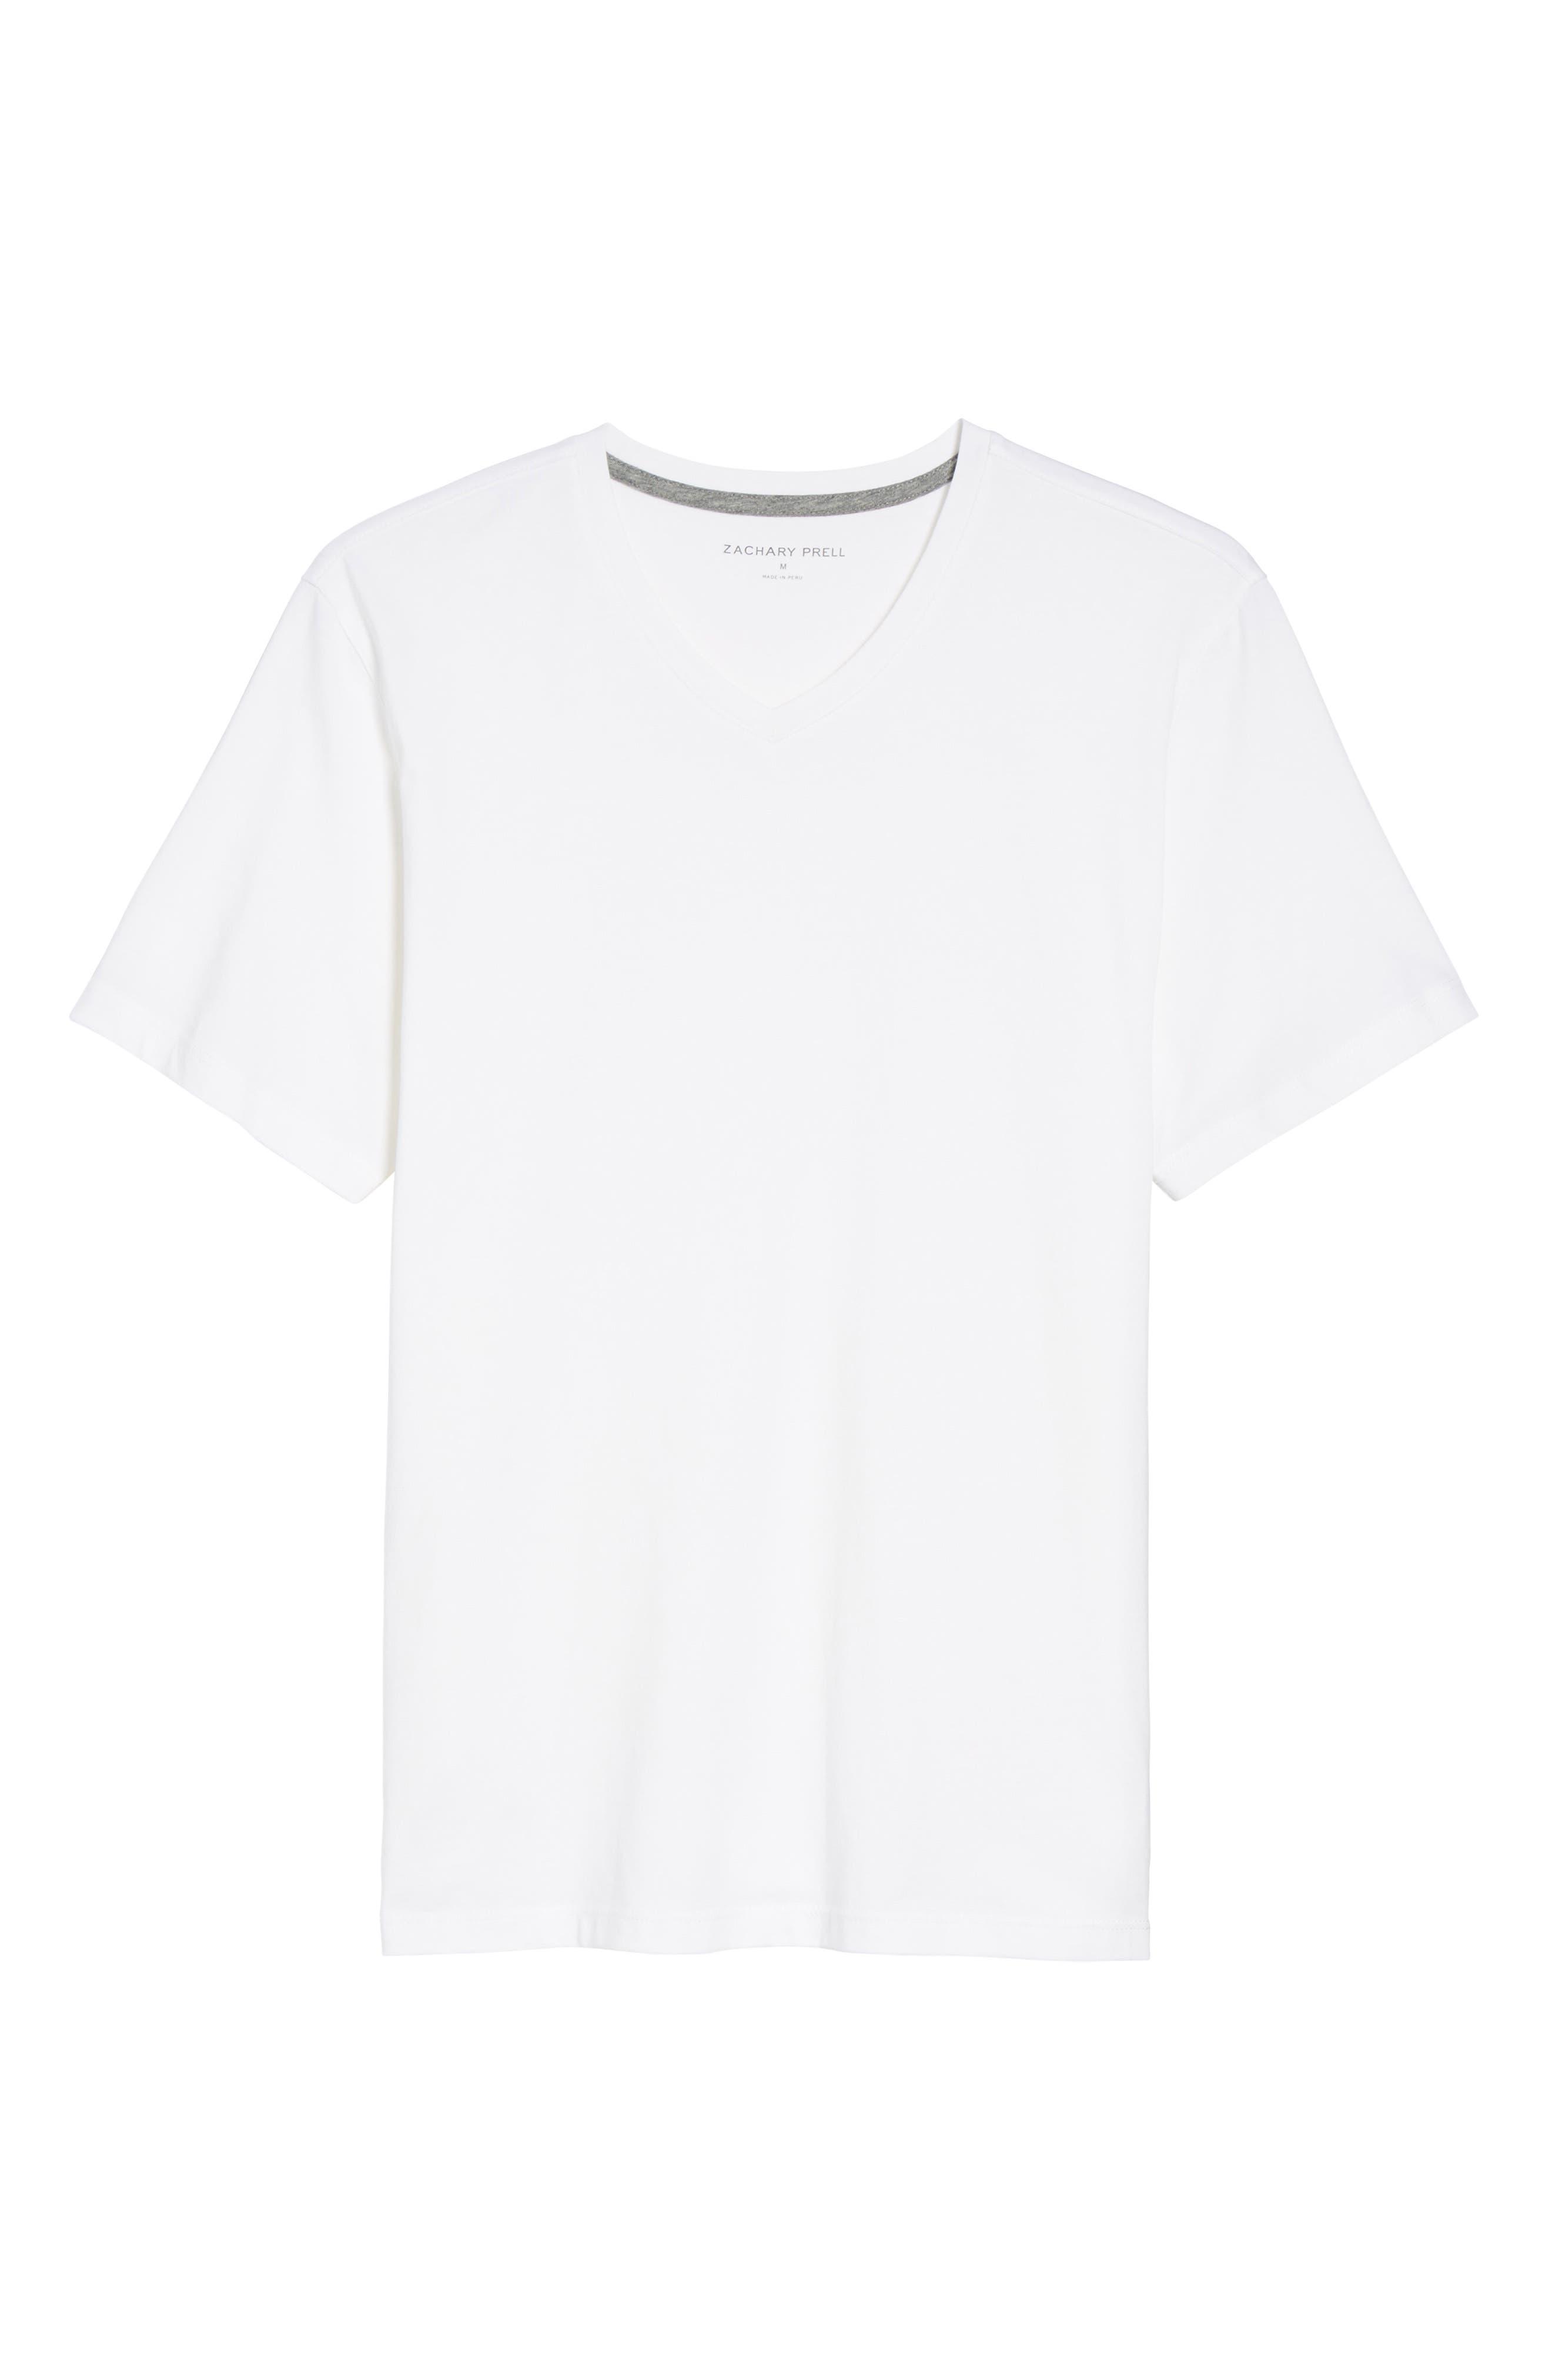 Mercer V-Neck T-Shirt,                             Alternate thumbnail 6, color,                             WHITE